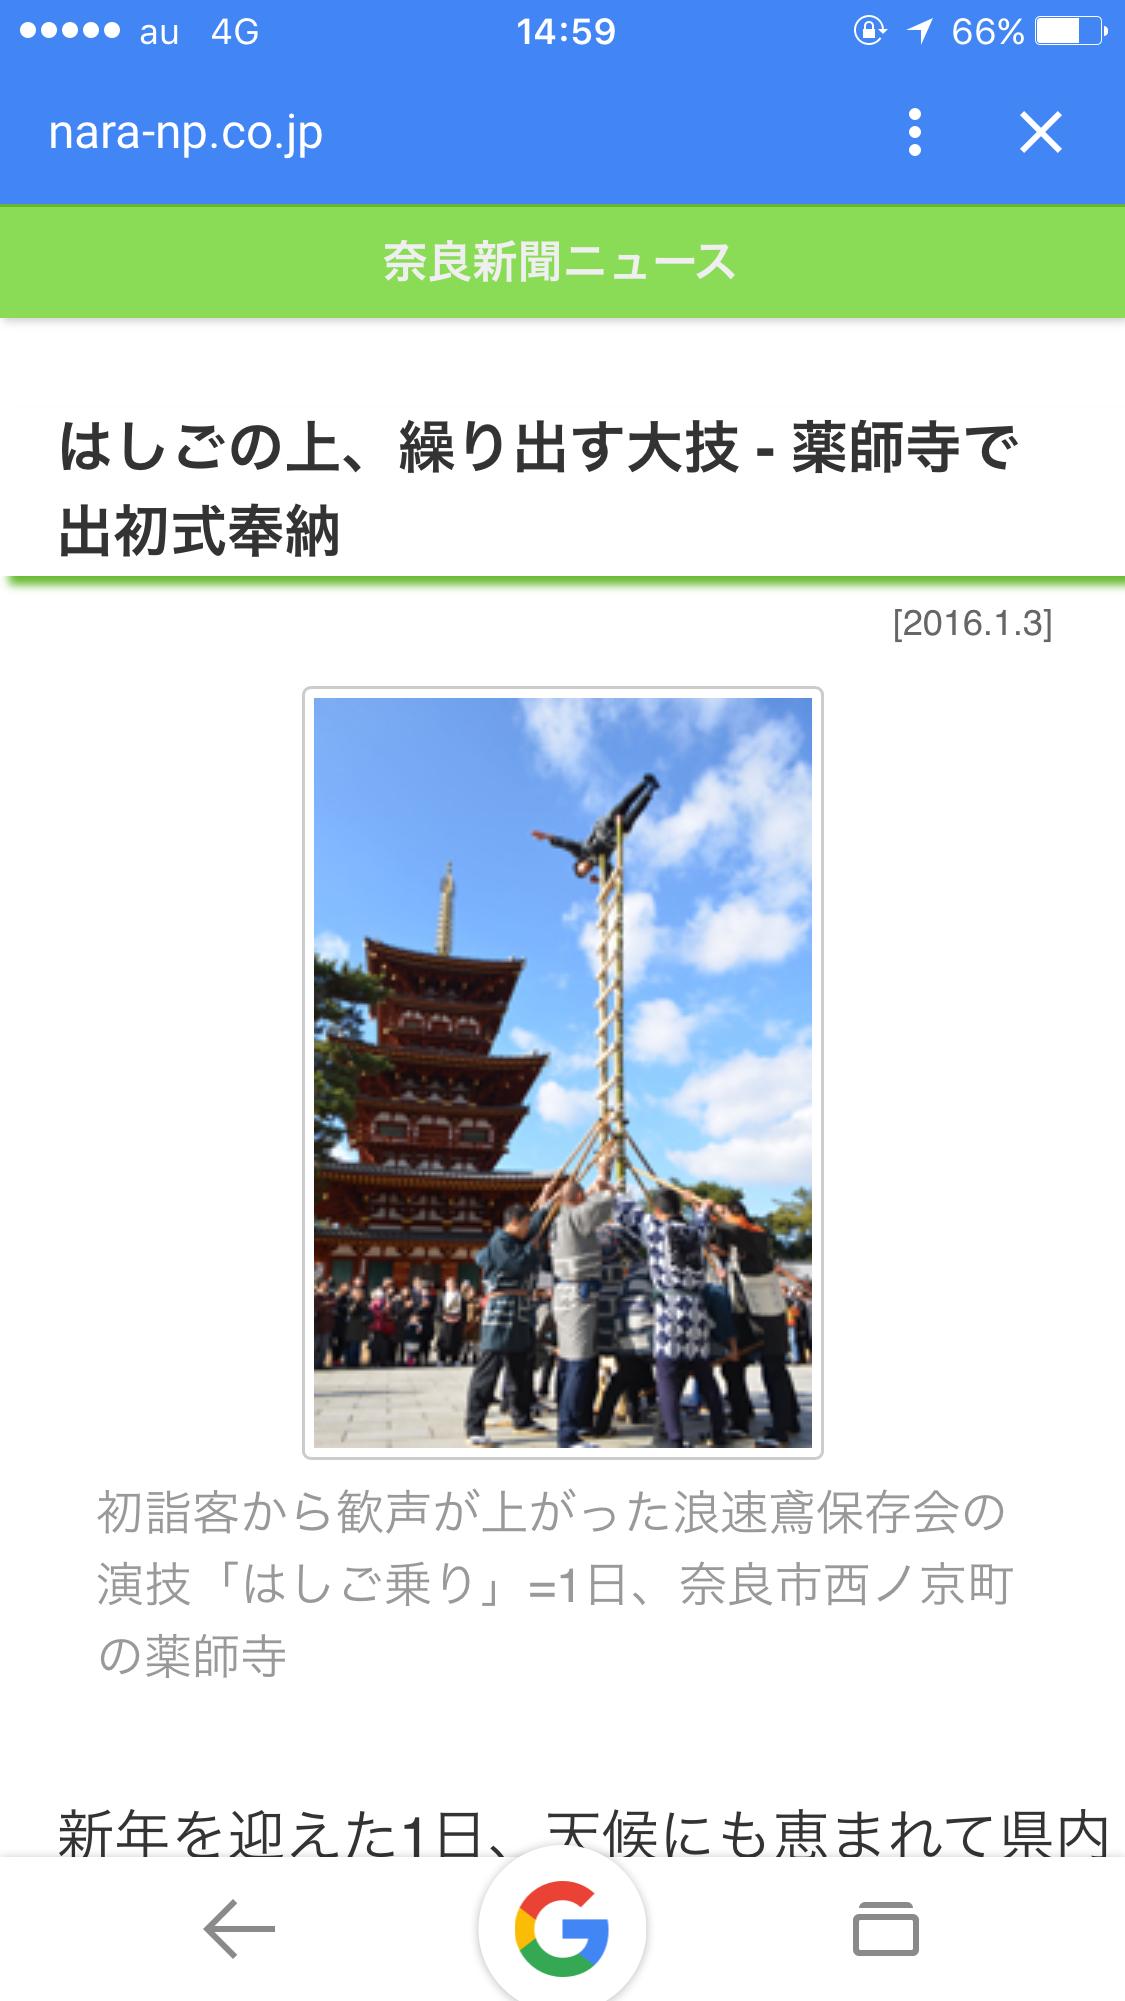 奈良新聞さんに掲載されました。